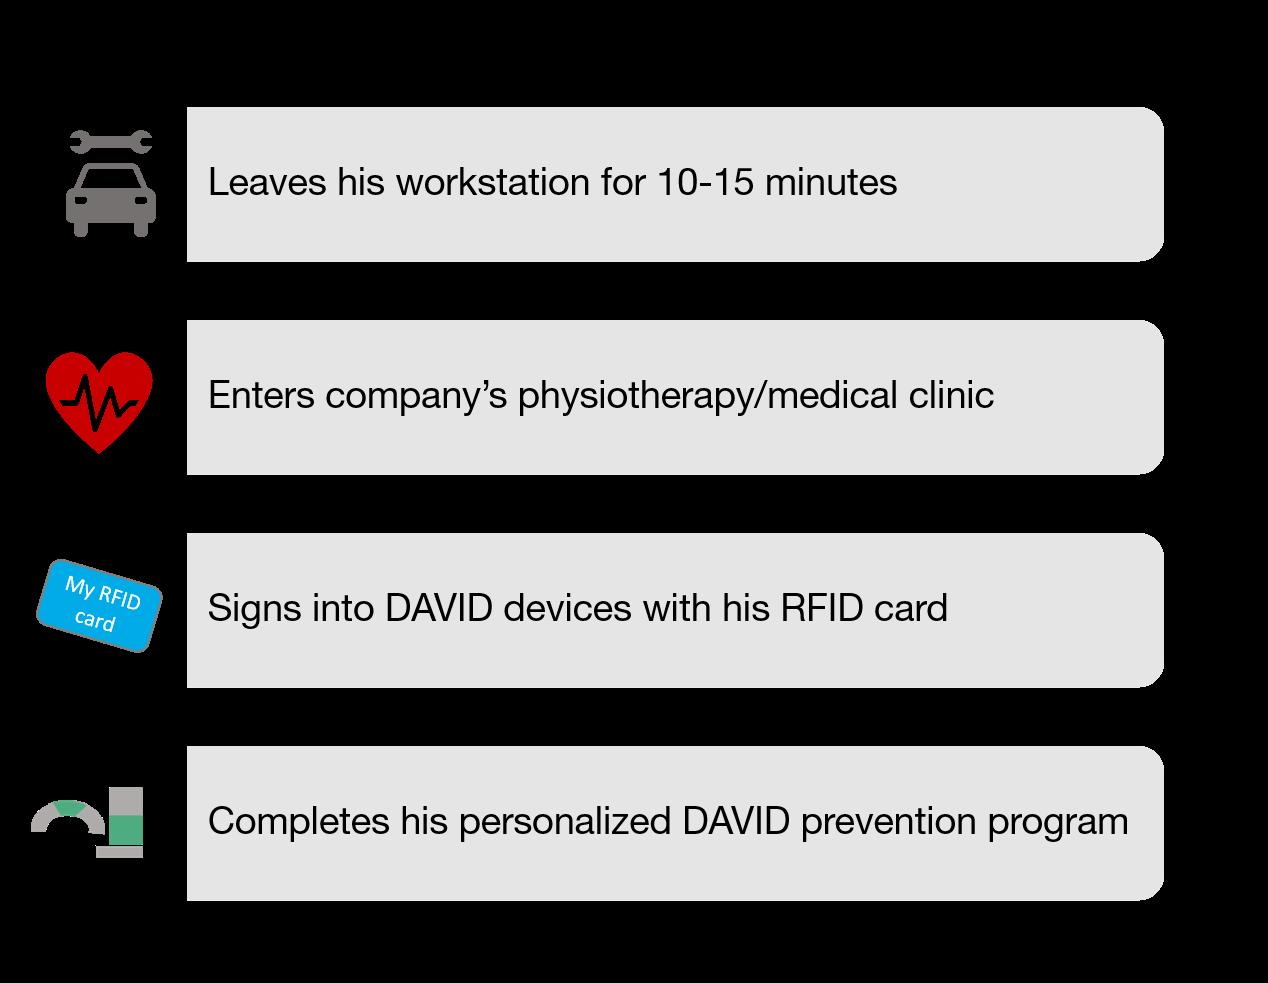 successful company prevention program